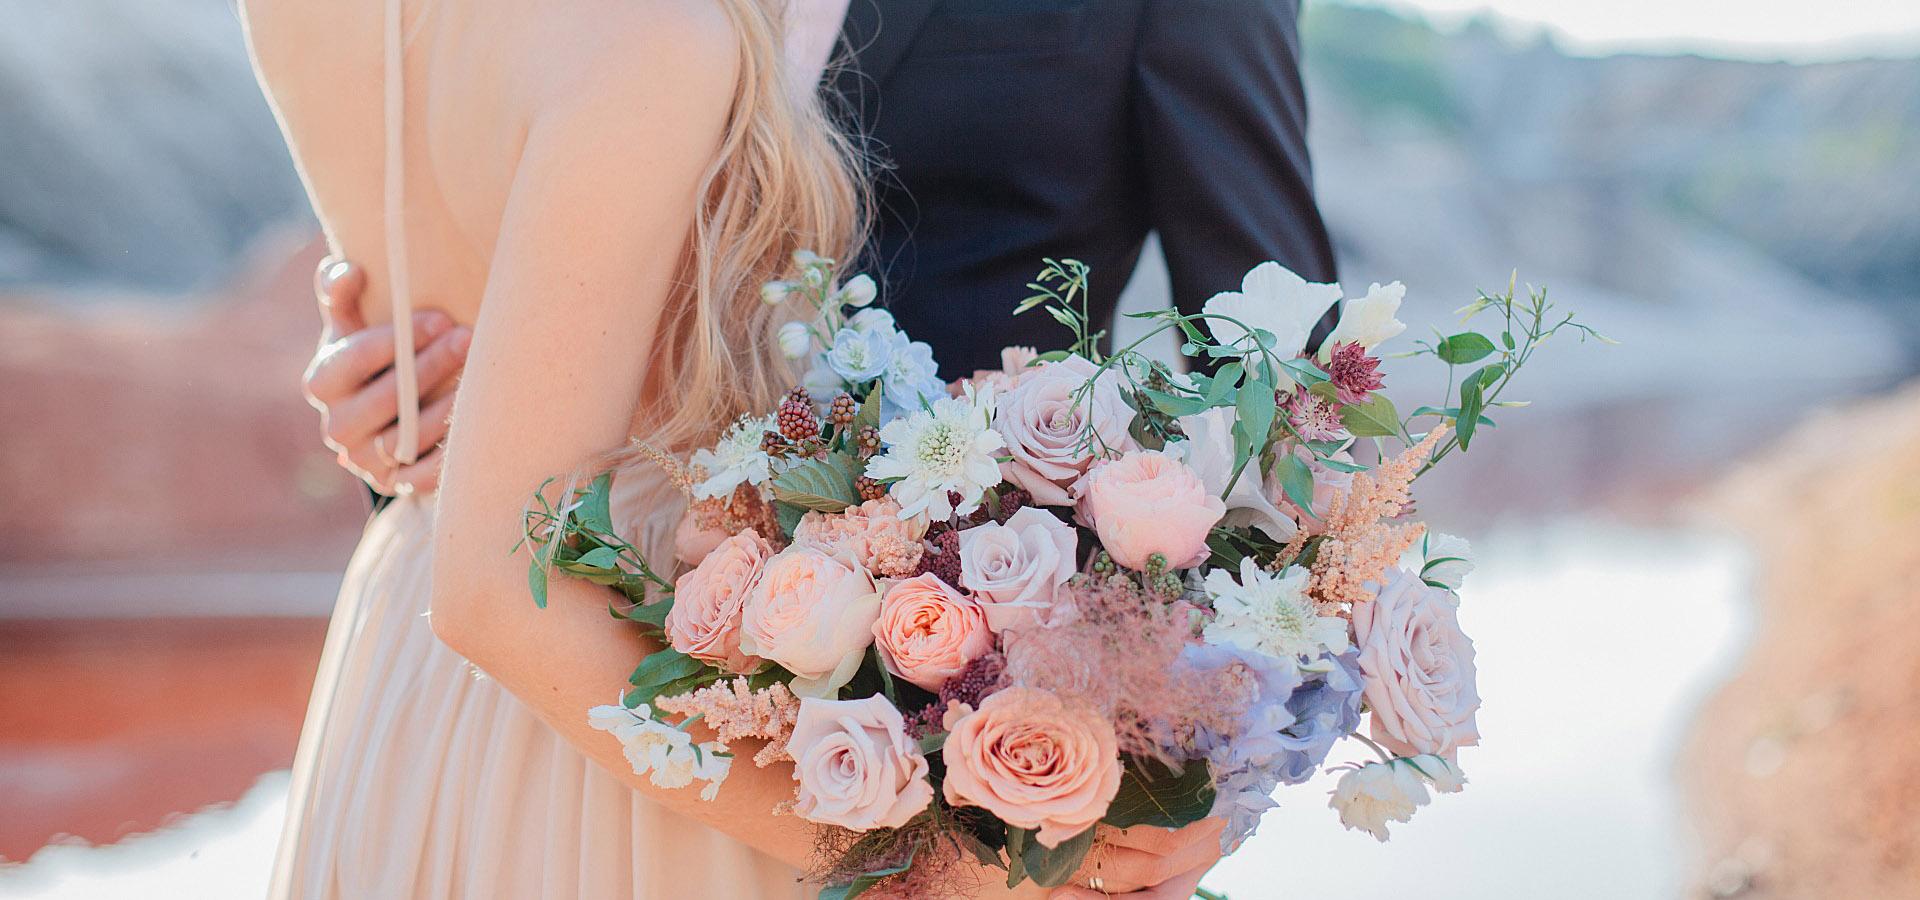 Лучшие советы для незабываемой свадьбы